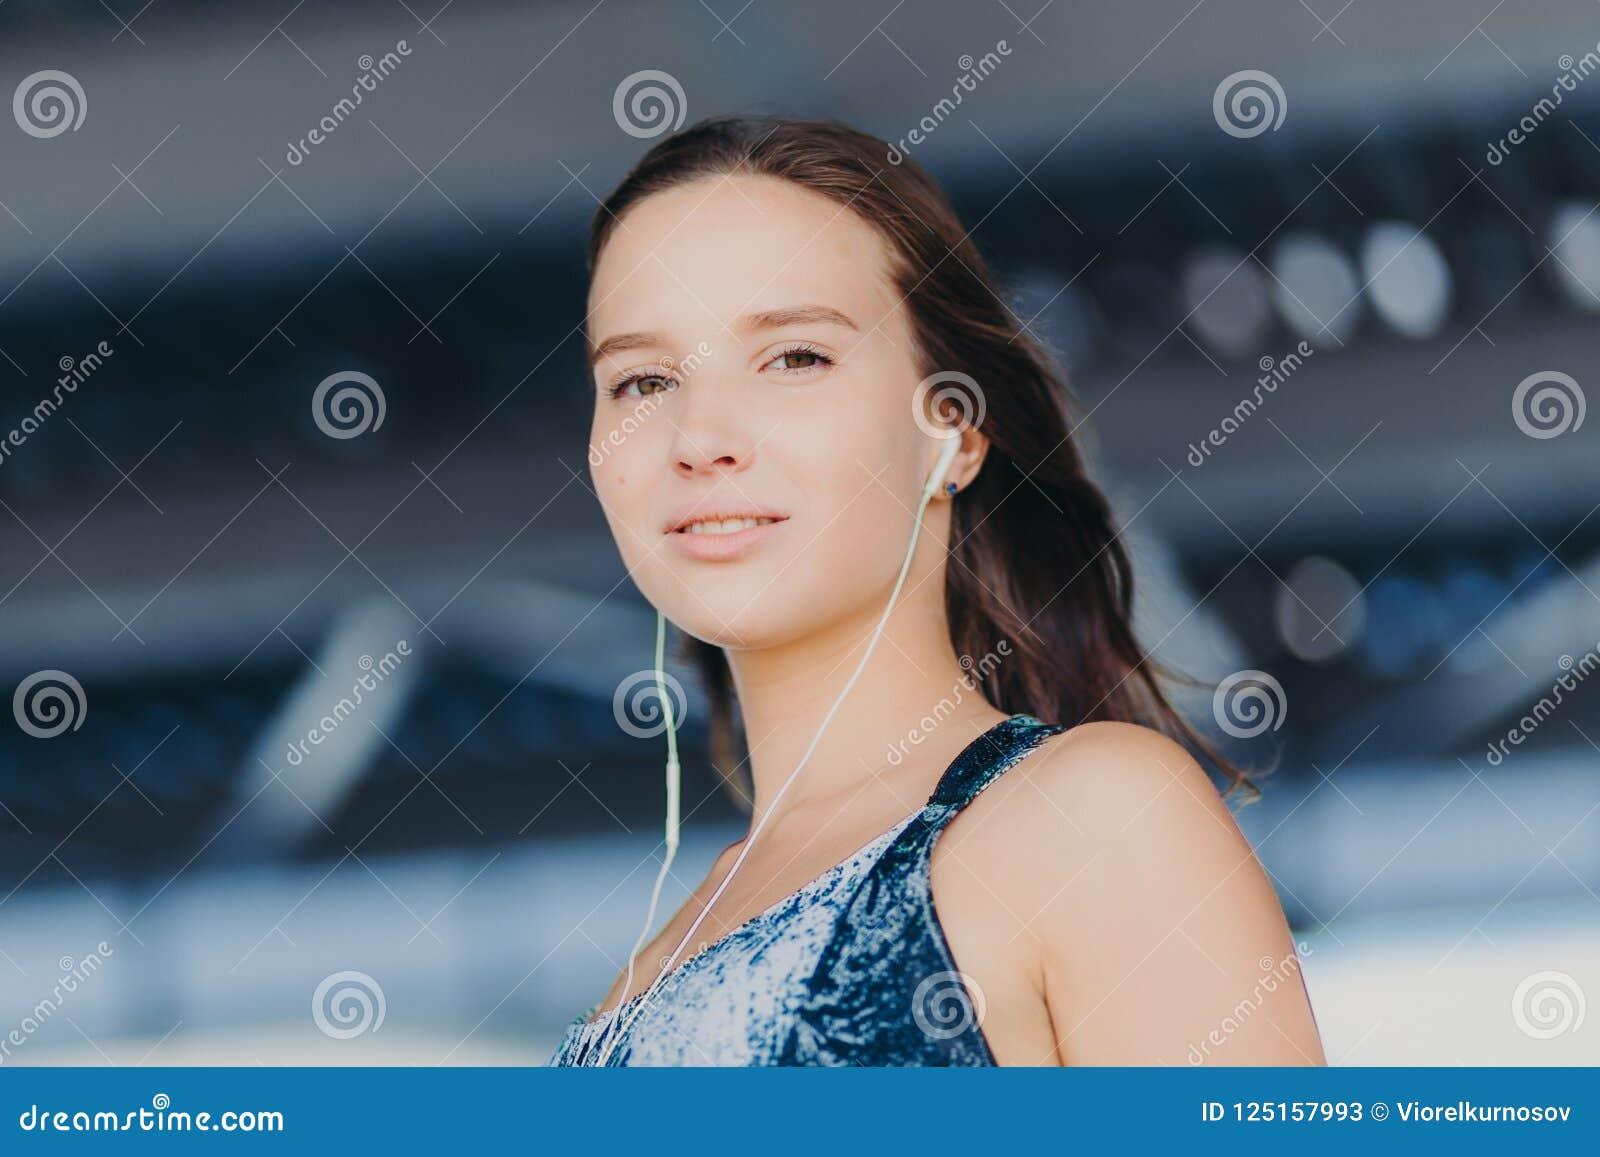 Sluit omhoog geschoten van knappe gezonde Europese vrouw luistert muziek met onherkenbaar apparaat, bekijkt direct camera, stelt